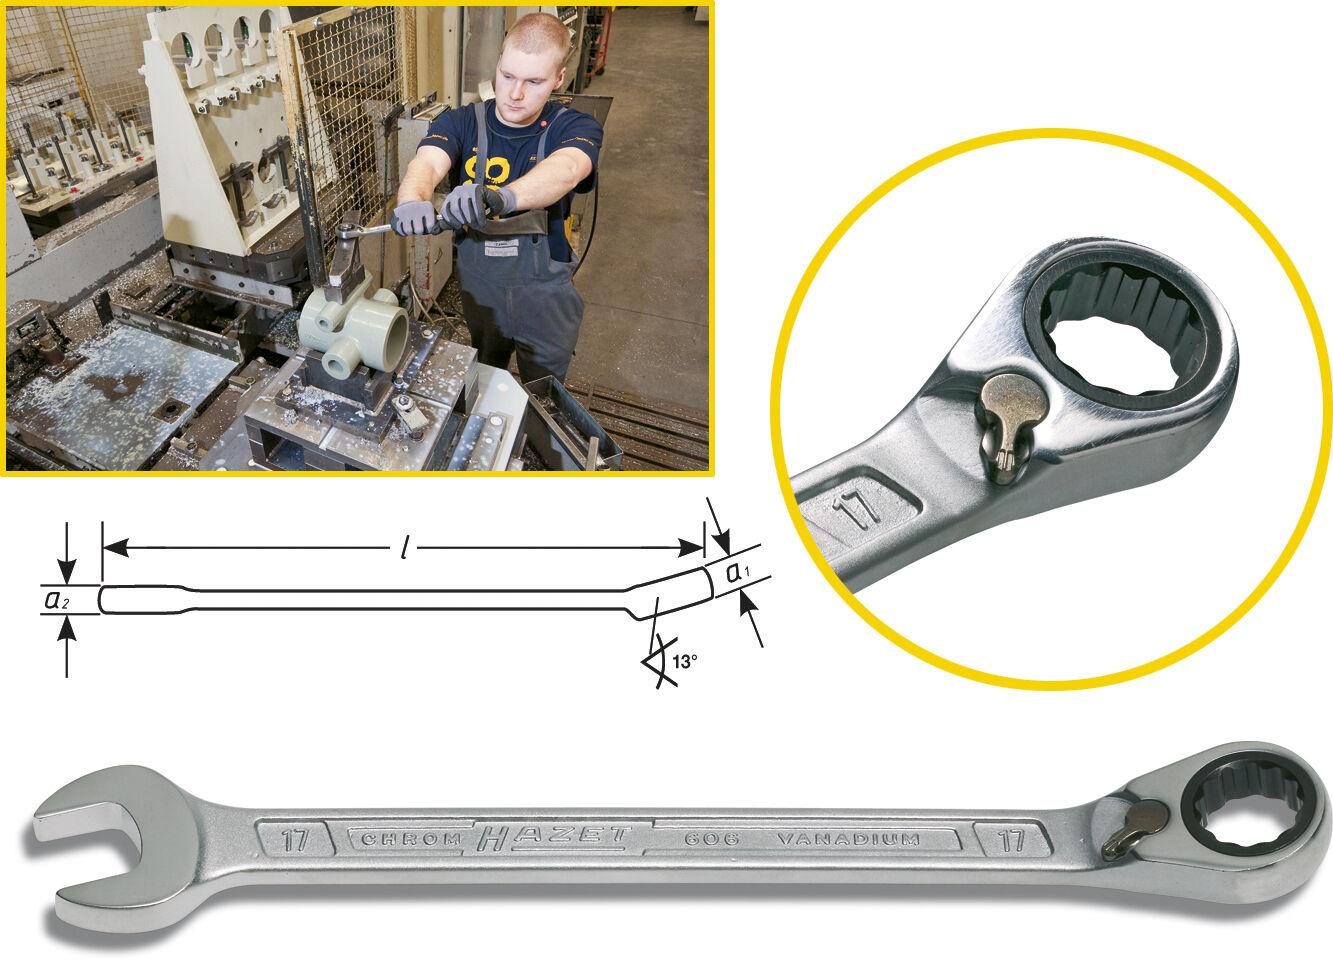 HAZET 606 Ring-Maul-Ratschenschlüssel alle Größen von 8 - 32mm KNARREN-RING-MAUL